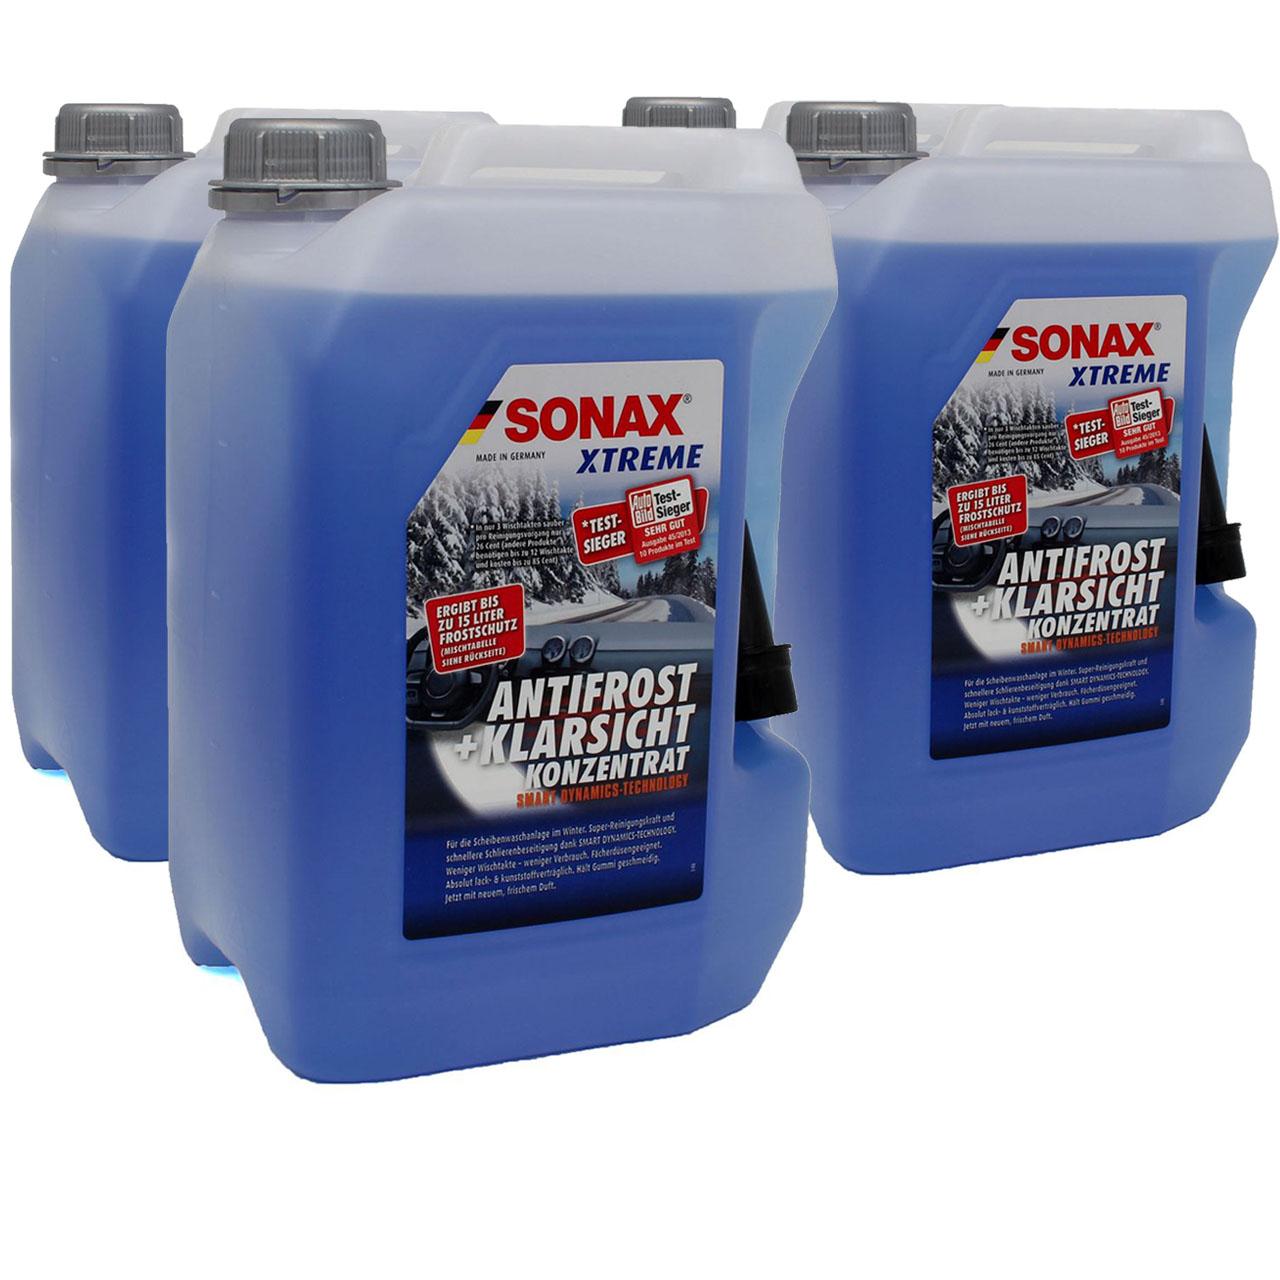 SONAX Xtreme Scheiben Frostschutz ANTIFROST & KLARSICHT Konzentrat - 20 Liter